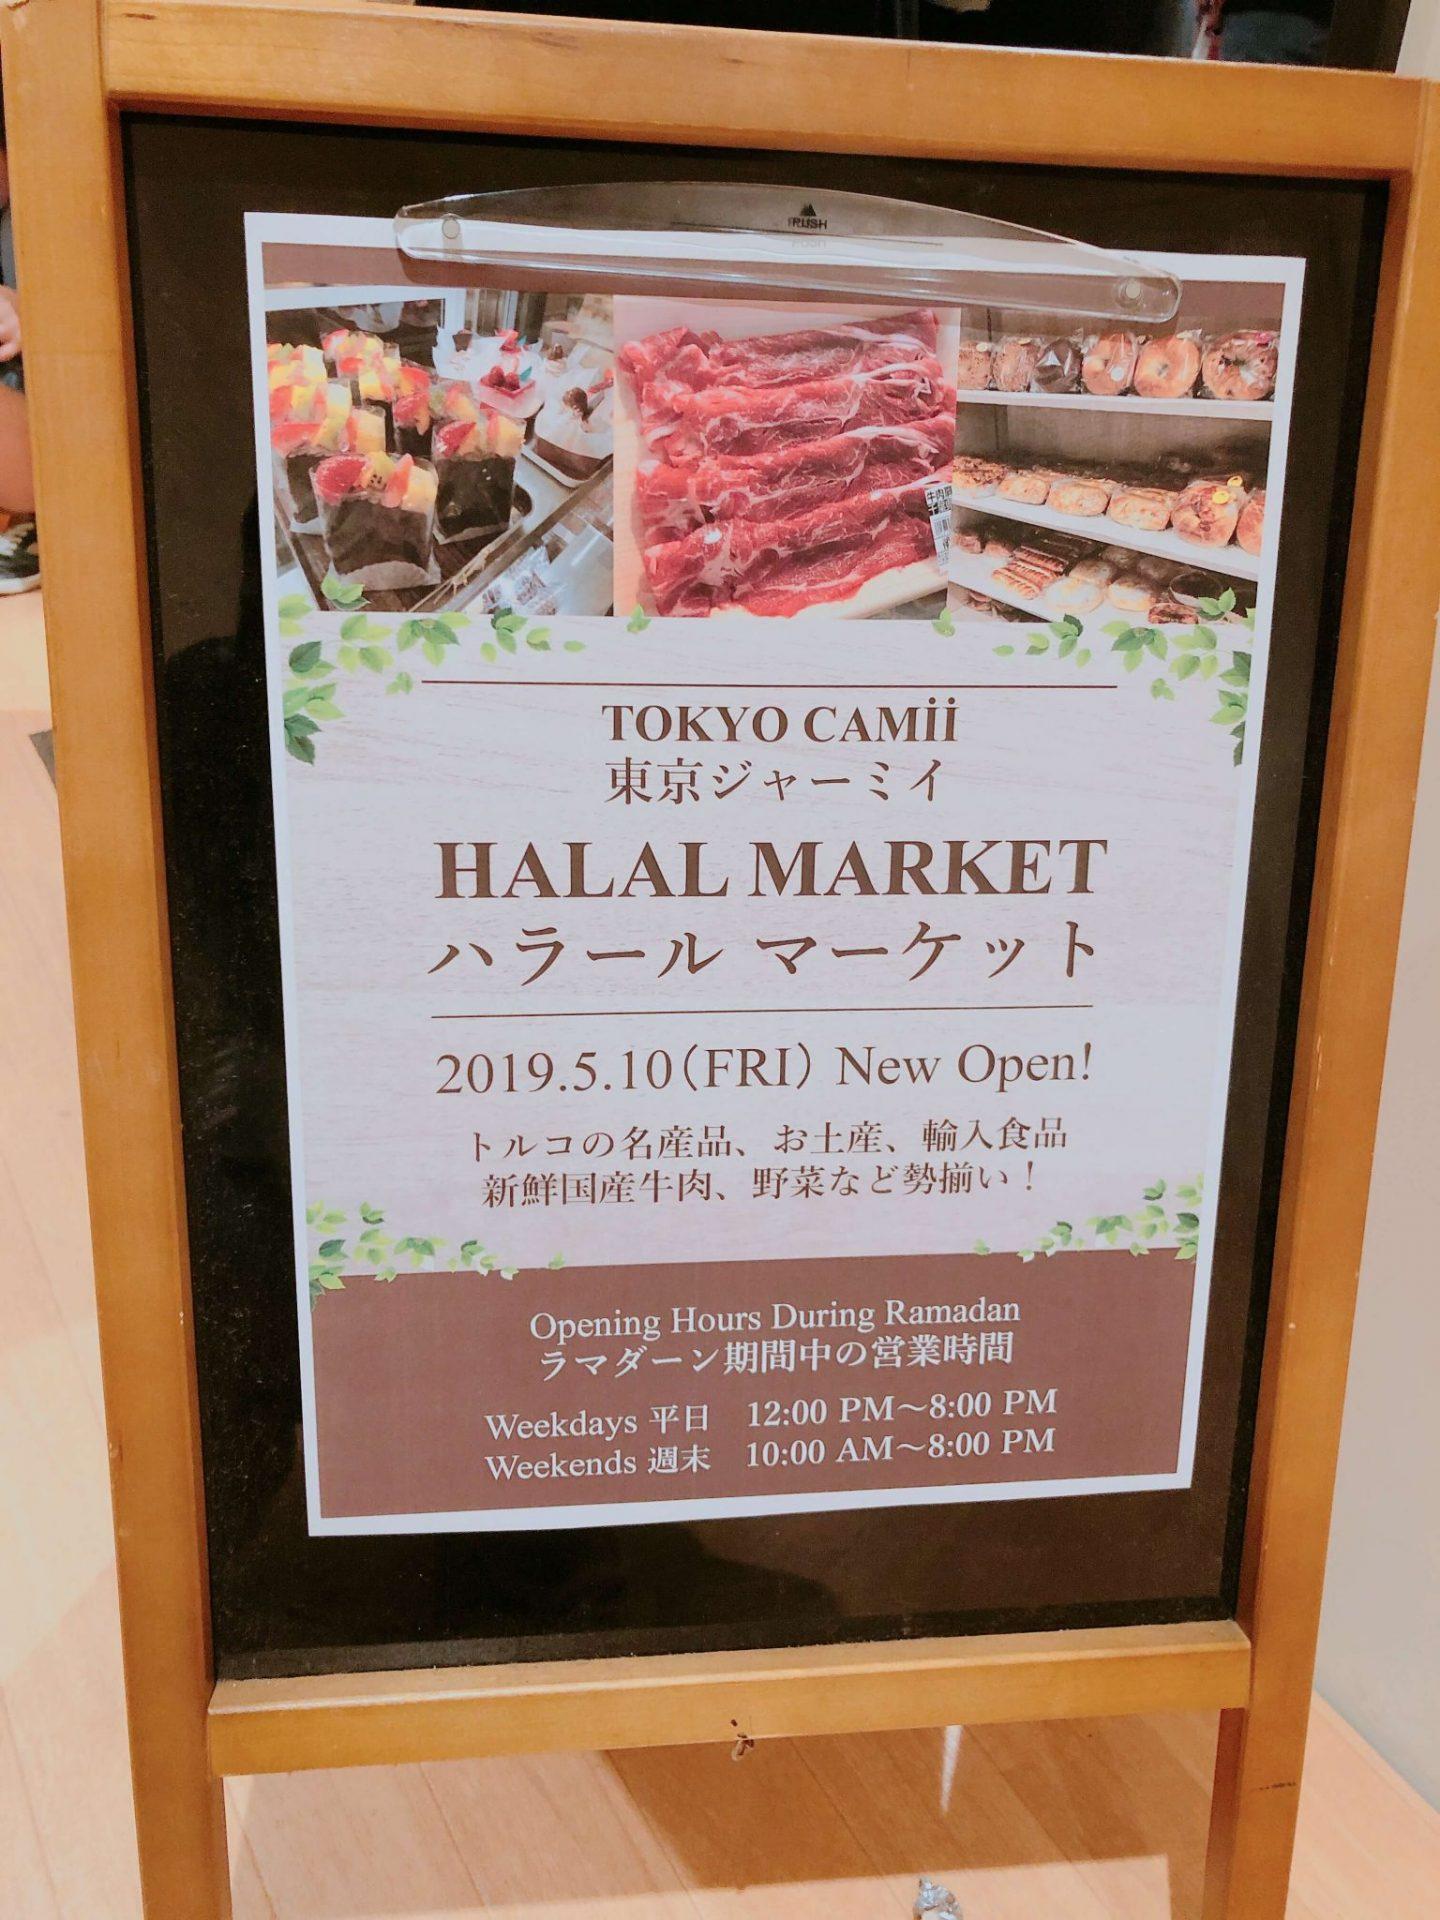 Halal Market At Mosque Camii Tokyo - Nurul Rasya